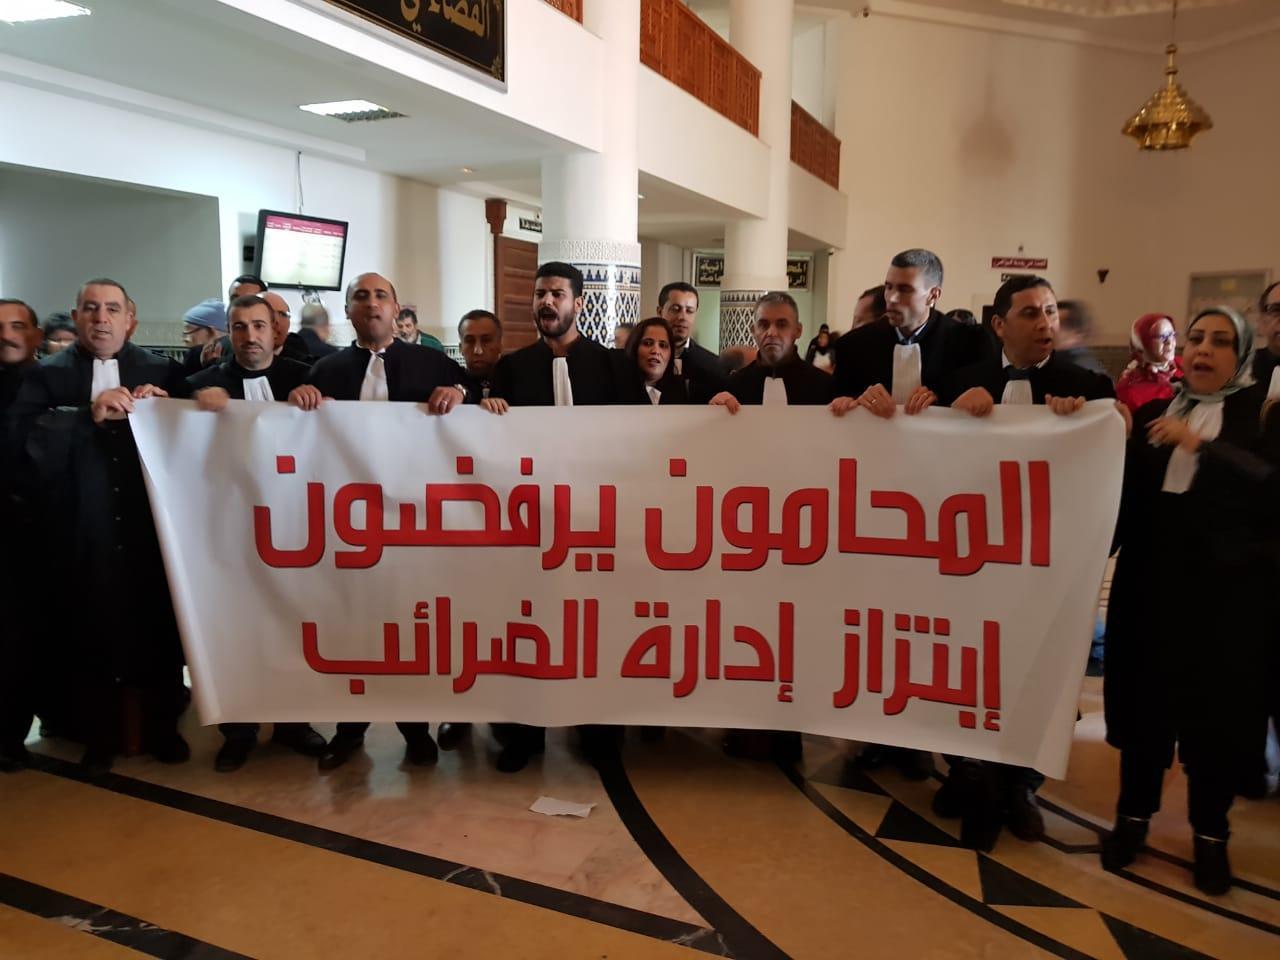 بالصور والفيديو المحامون الشباب بالجديدة ينتفضون ضد قرارات ادارة الضرائب  تنفيدا لقرار الجمعية الوطنية للمحامين الشباب بالمغرب